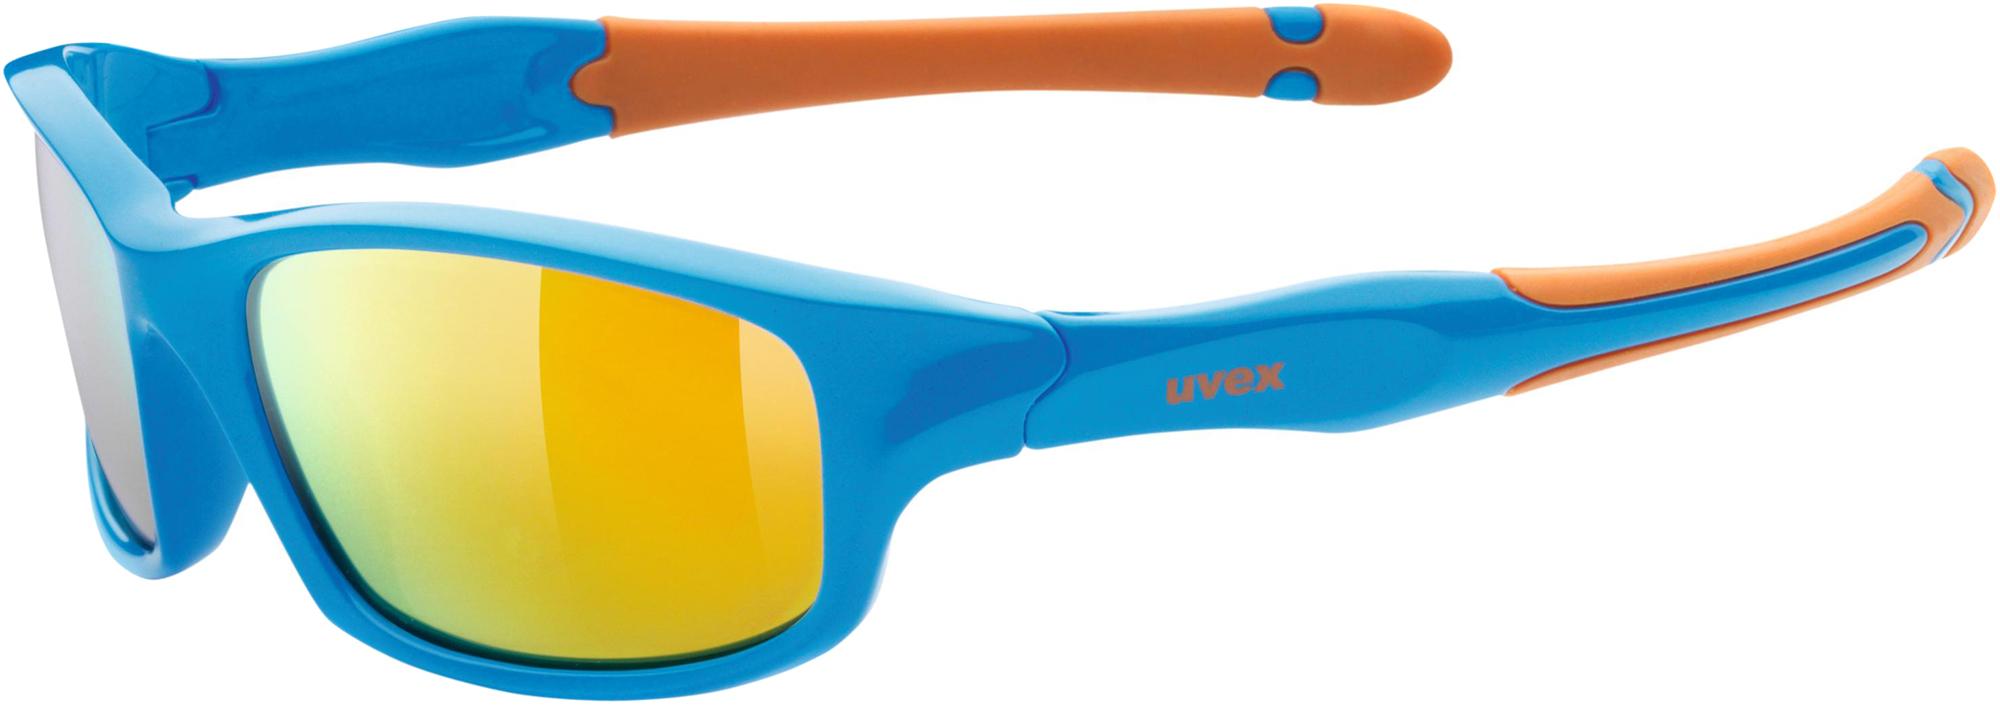 Uvex Солнцезащитные очки детские Uvex babiators очки солнцезащитные детские отзывы